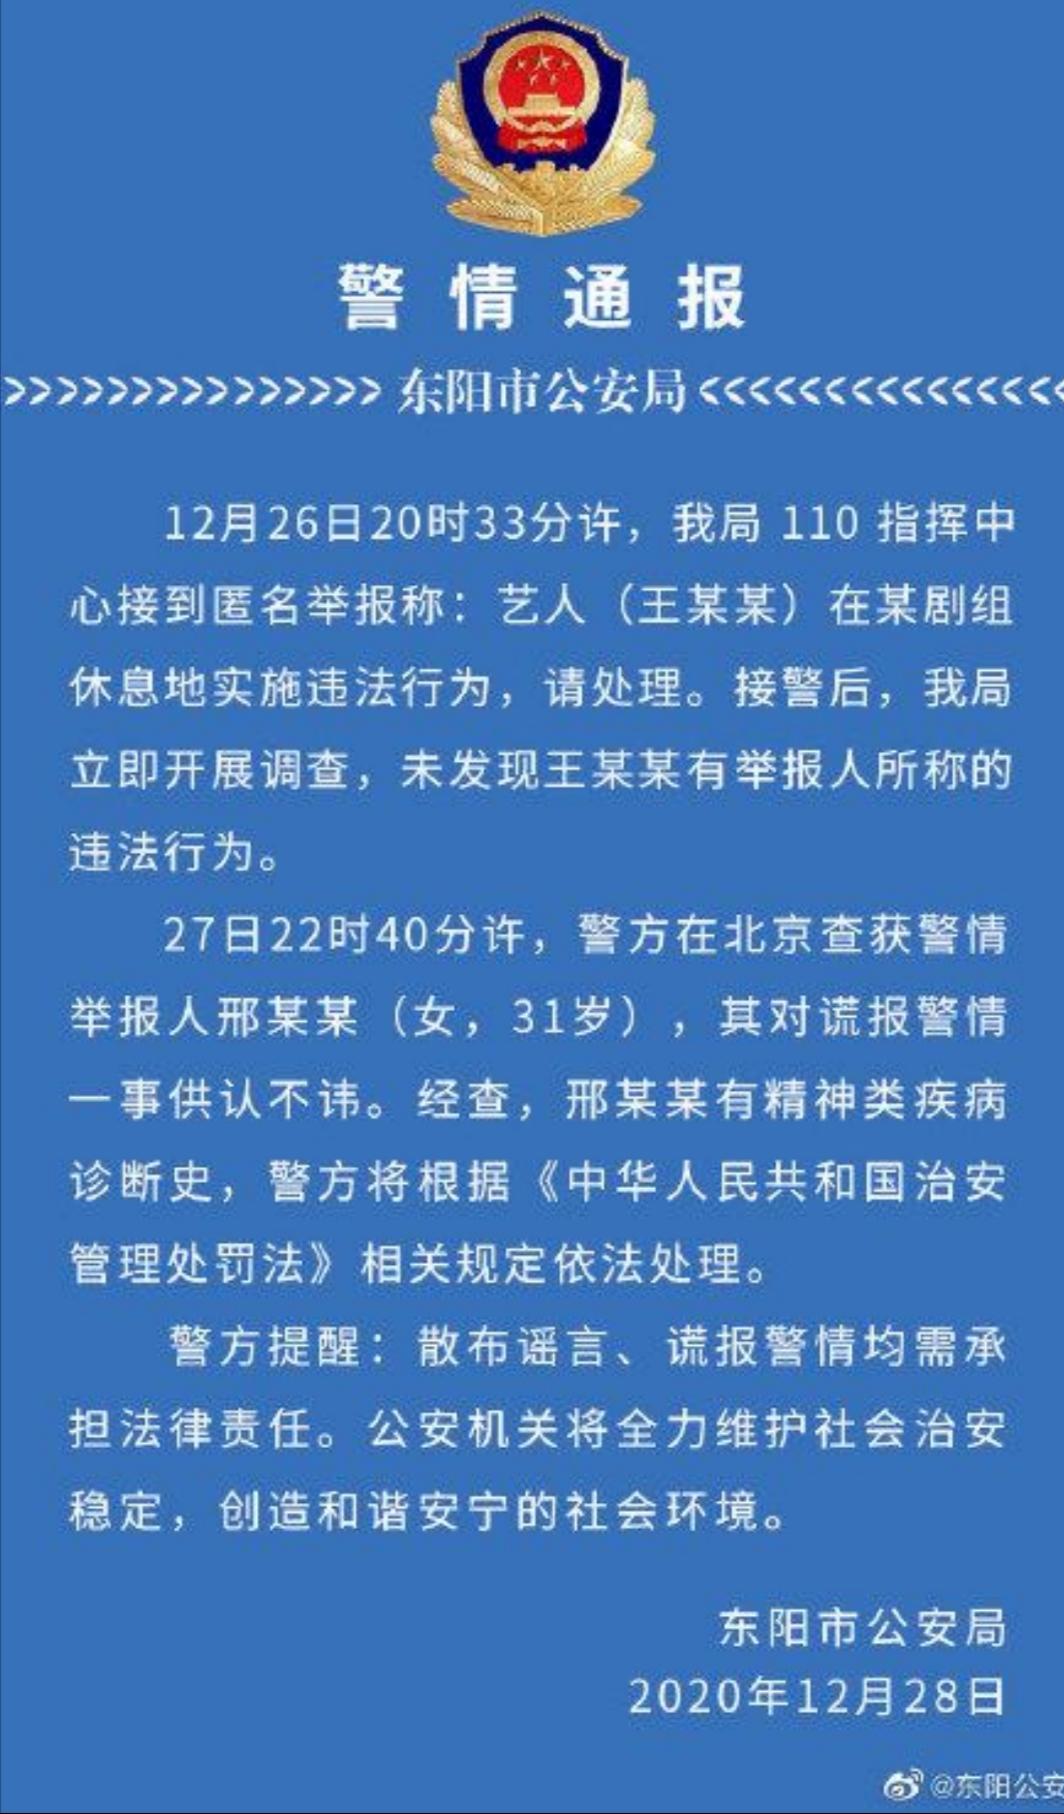 警方通报王一博被报假警 未发现举报人所称违法行为